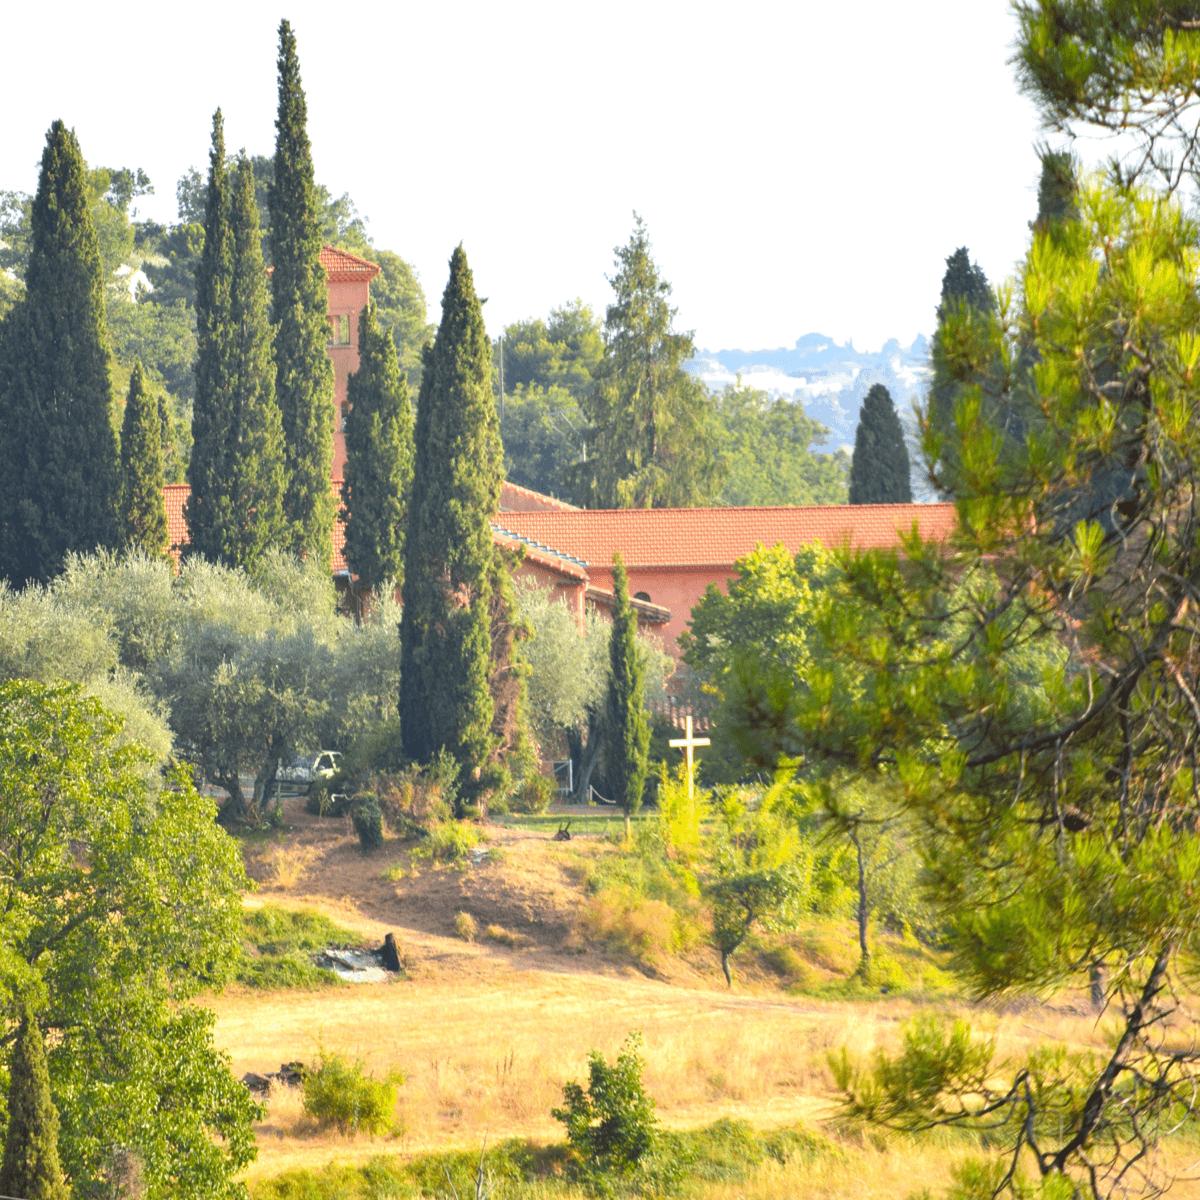 L'abbaye de Castagniers, près de Nice, entourée de magnifiques cyprès - Crédits Photos : Abbaye de Castagniers